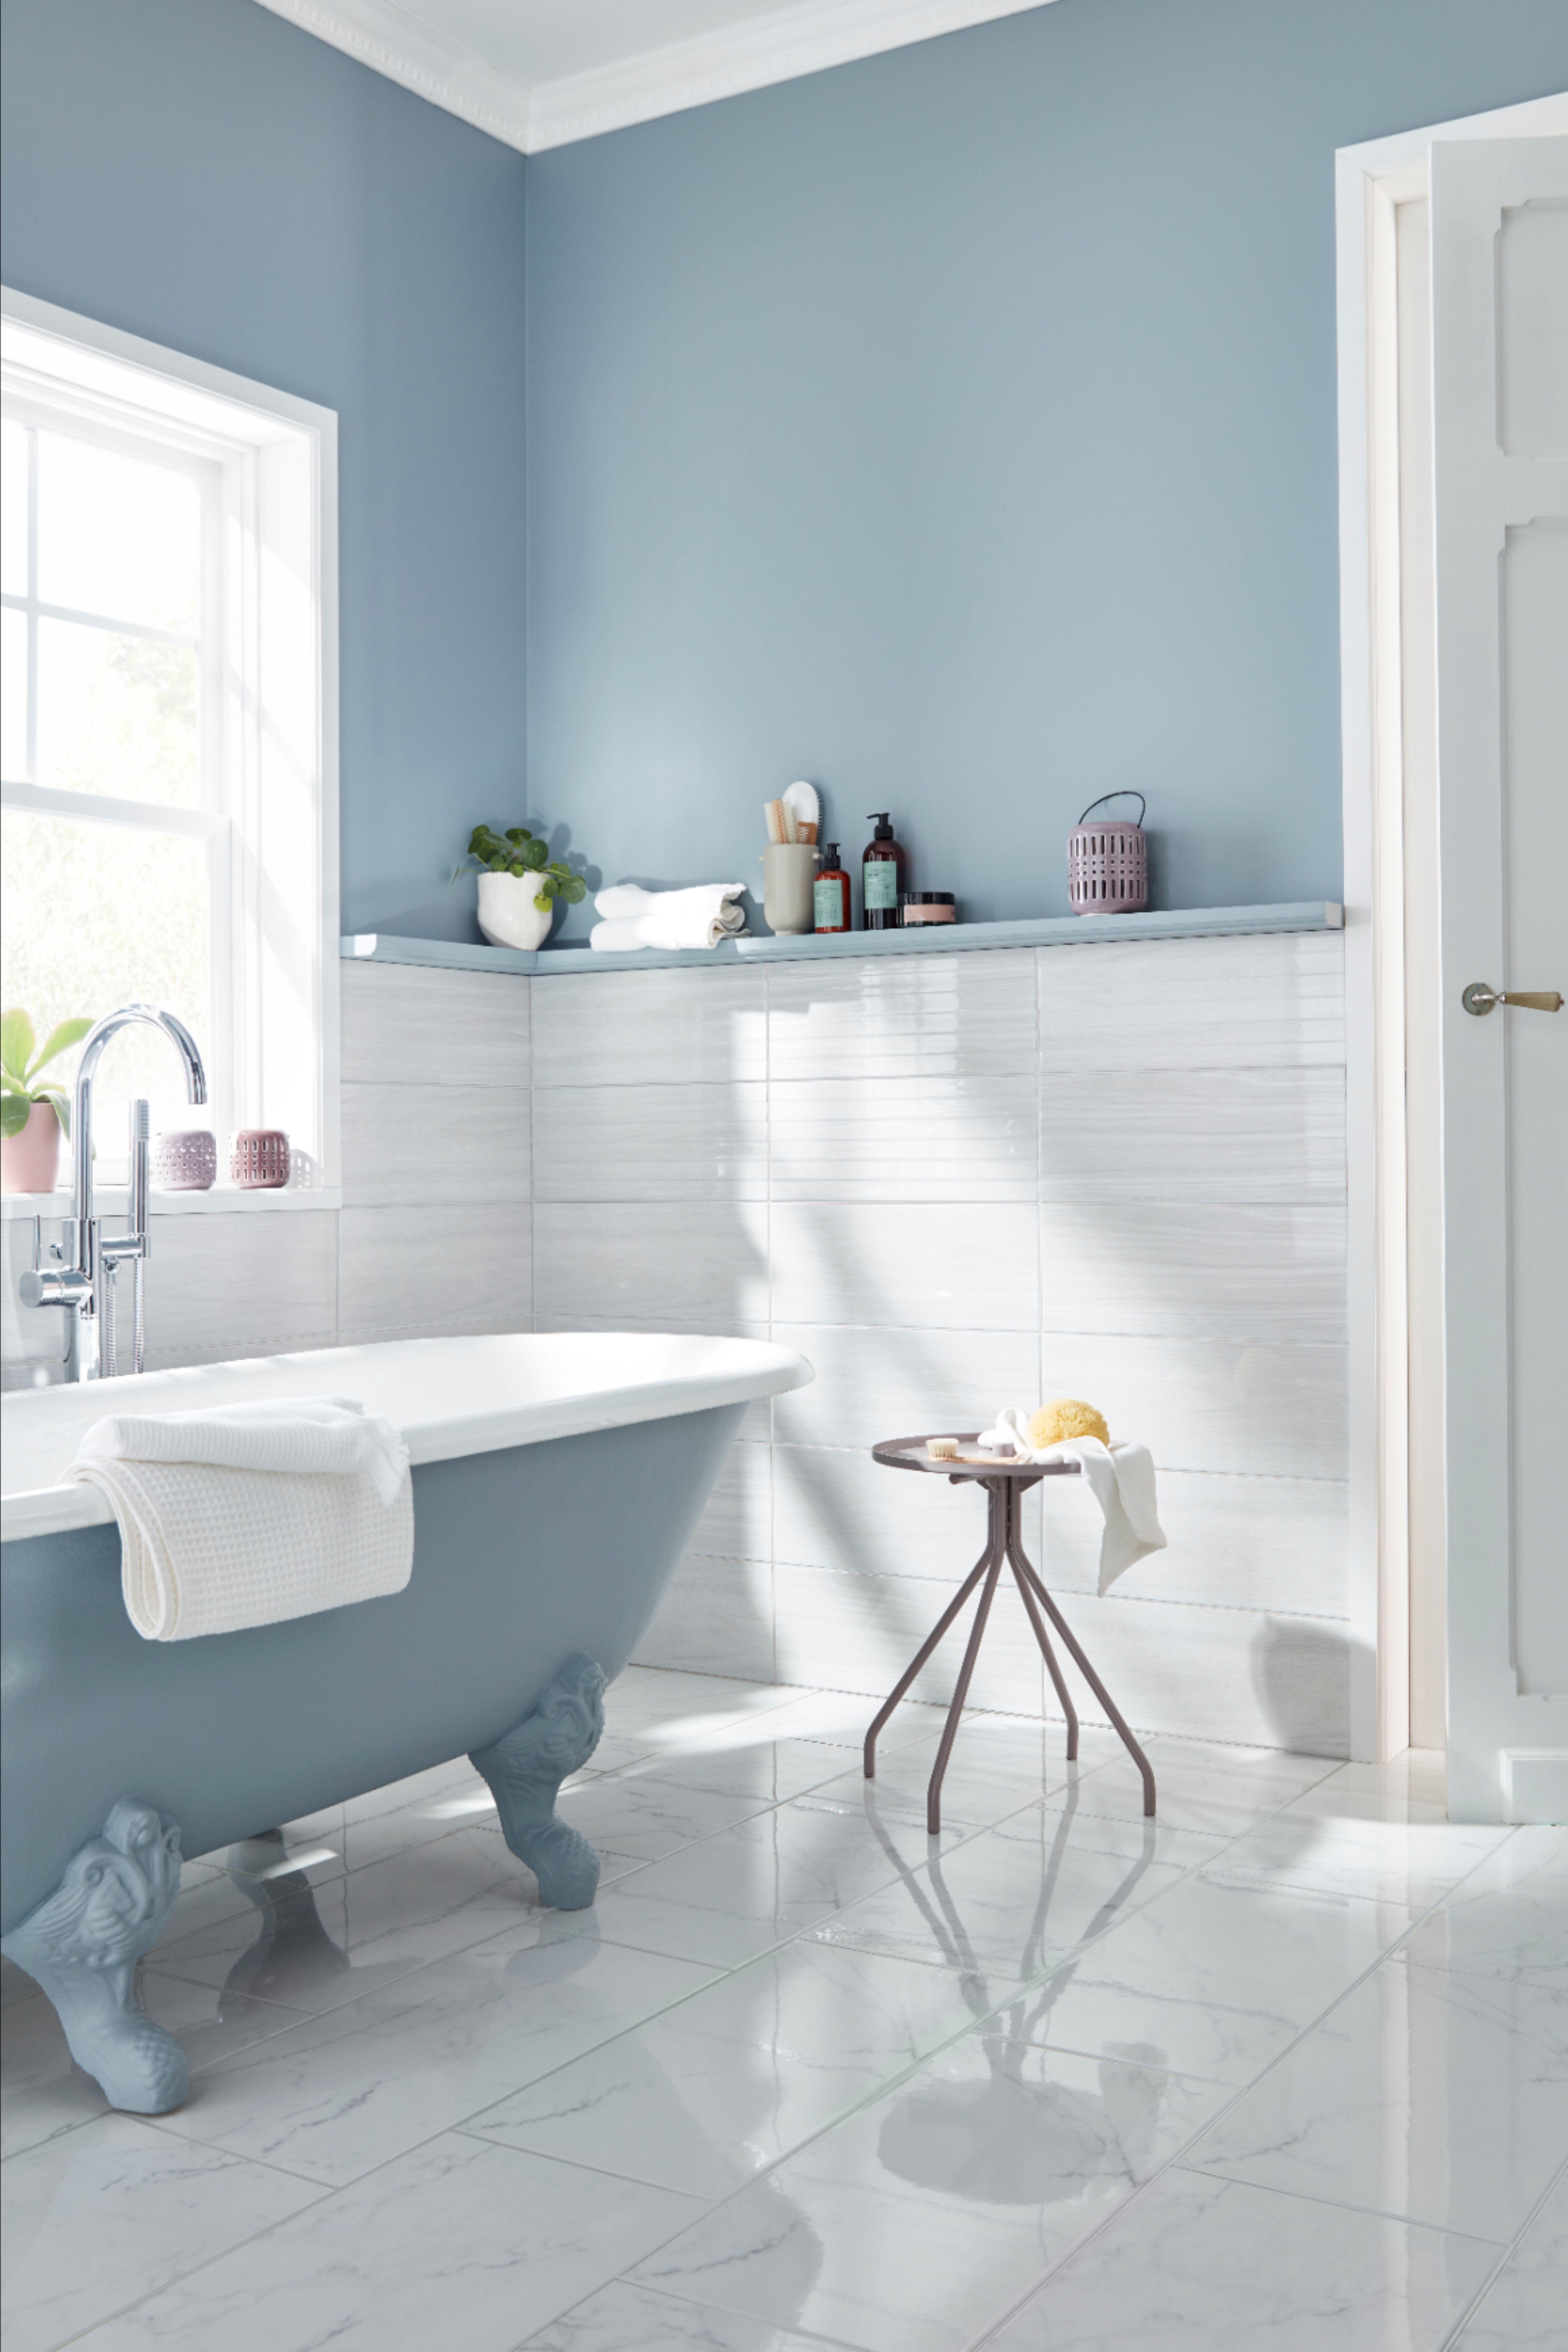 Couleur Peinture Carrelage Sol carrelage sol blanc 30 x 60 cm elegance marble (vendu au